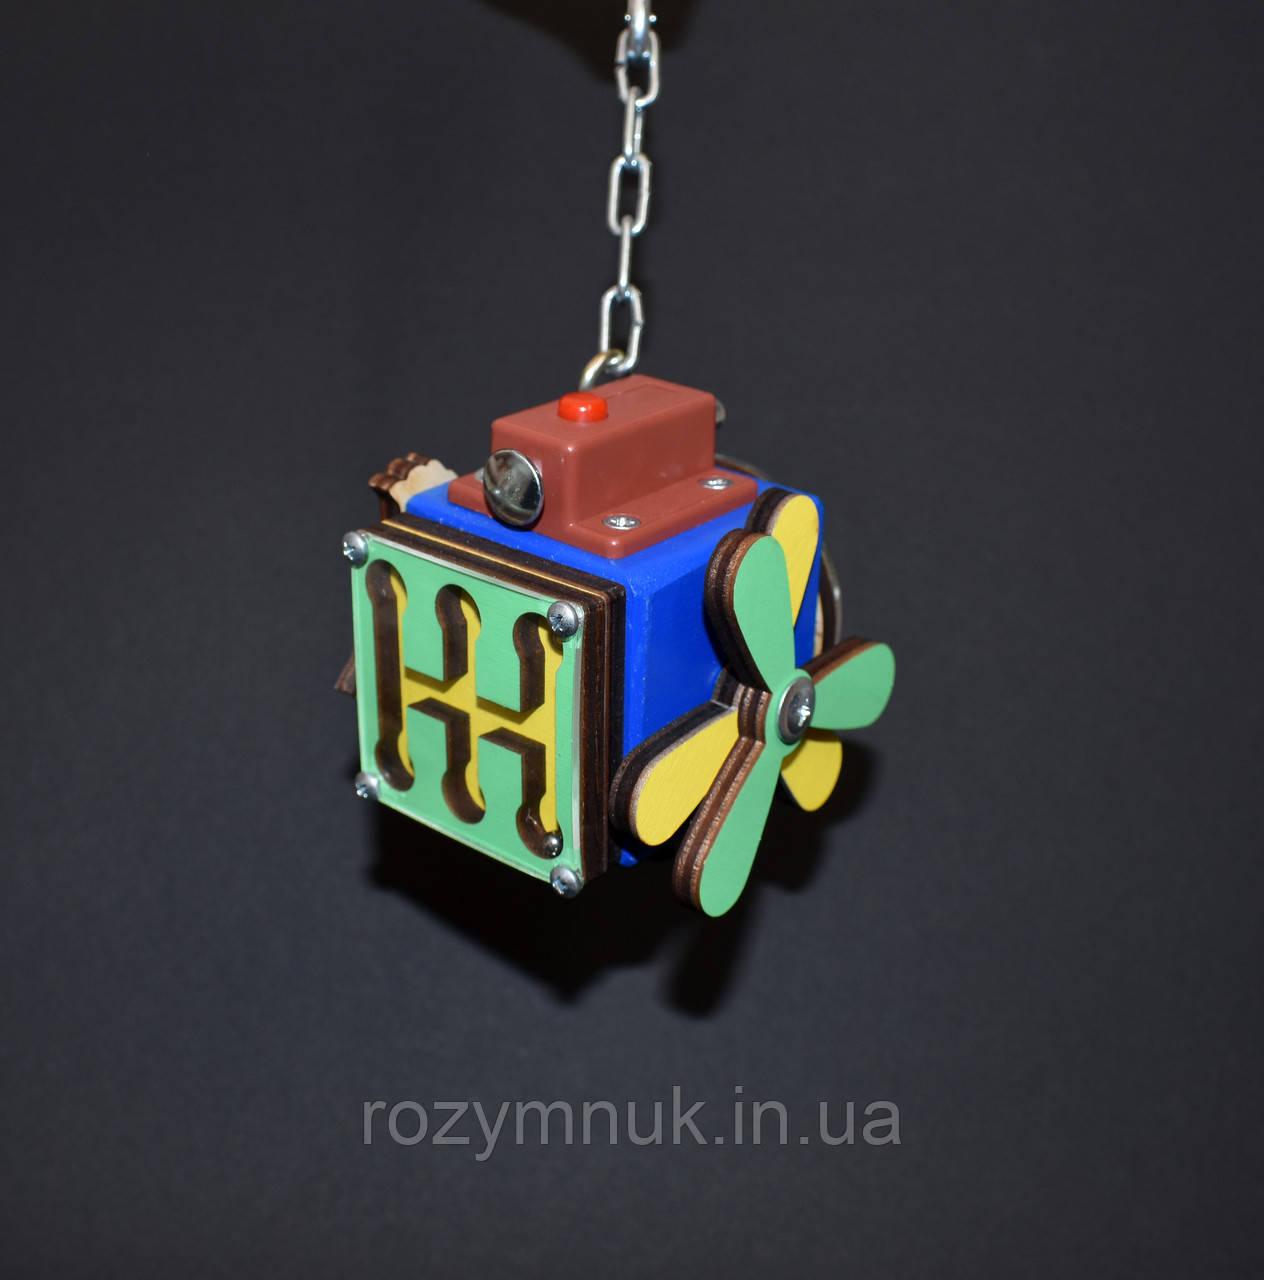 Бизикуб 5*5 развивающий по методеке Монтессори бізікуб  бизикубик синий